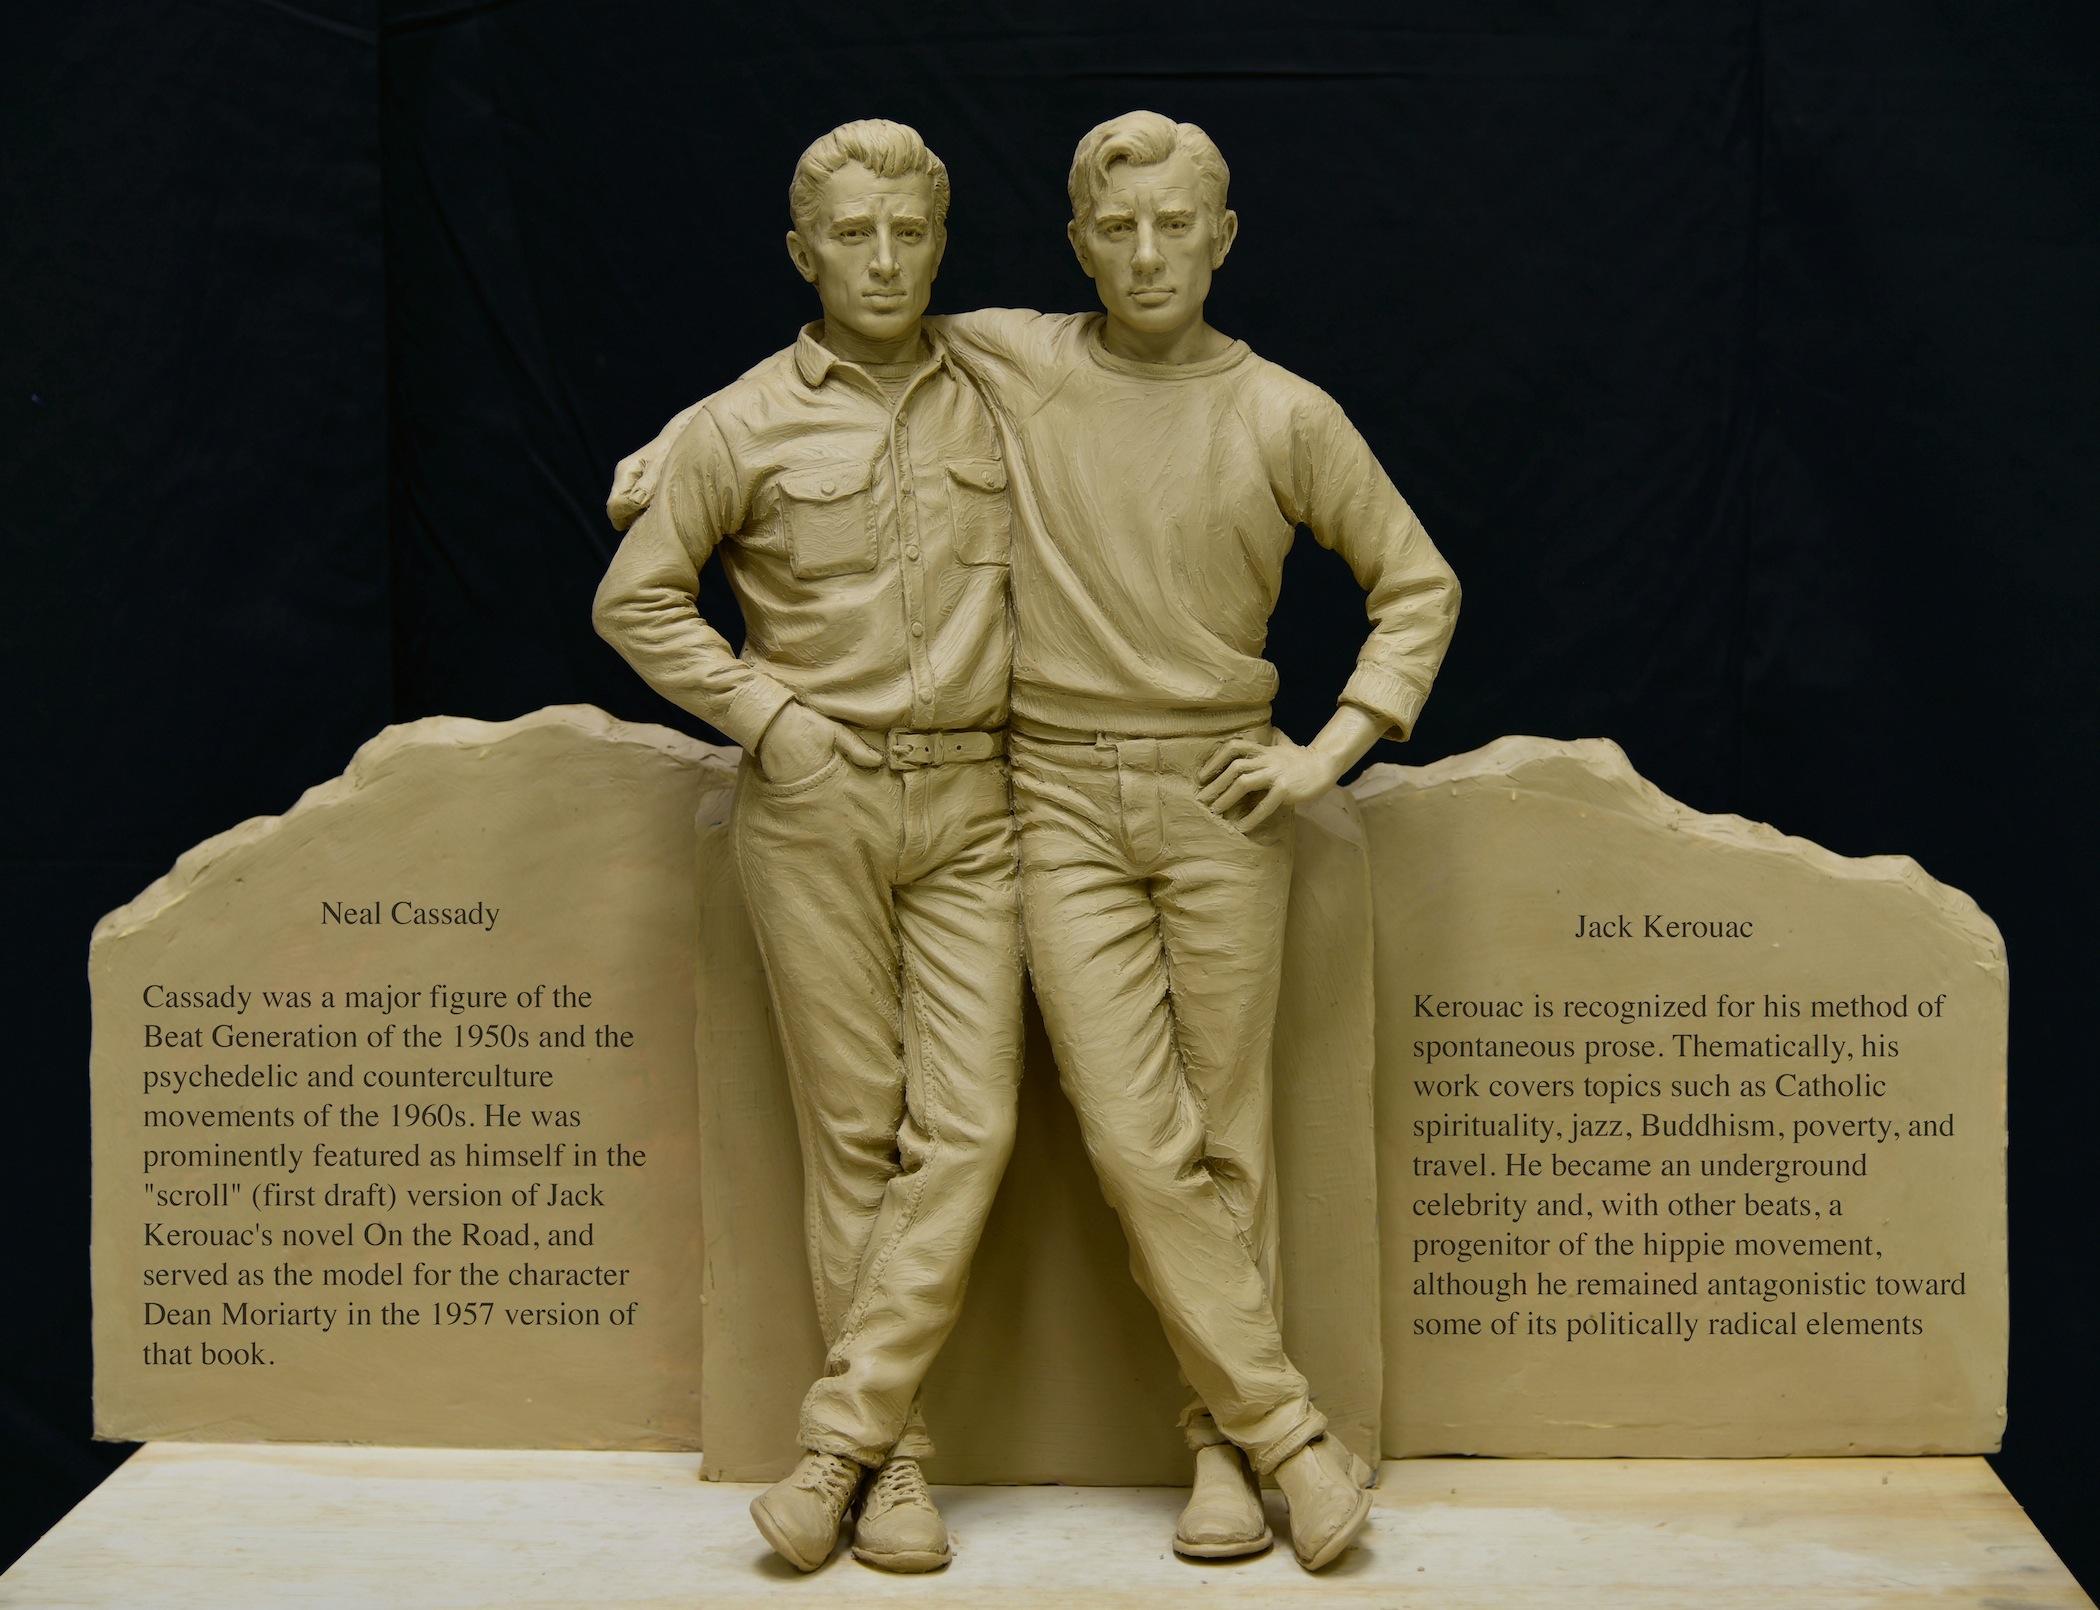 Denver sculpture, Neal Cassady Jack Kerouac sculpture, Sutton Betti Sculptures, work in progress, clay sculpture, beat writers